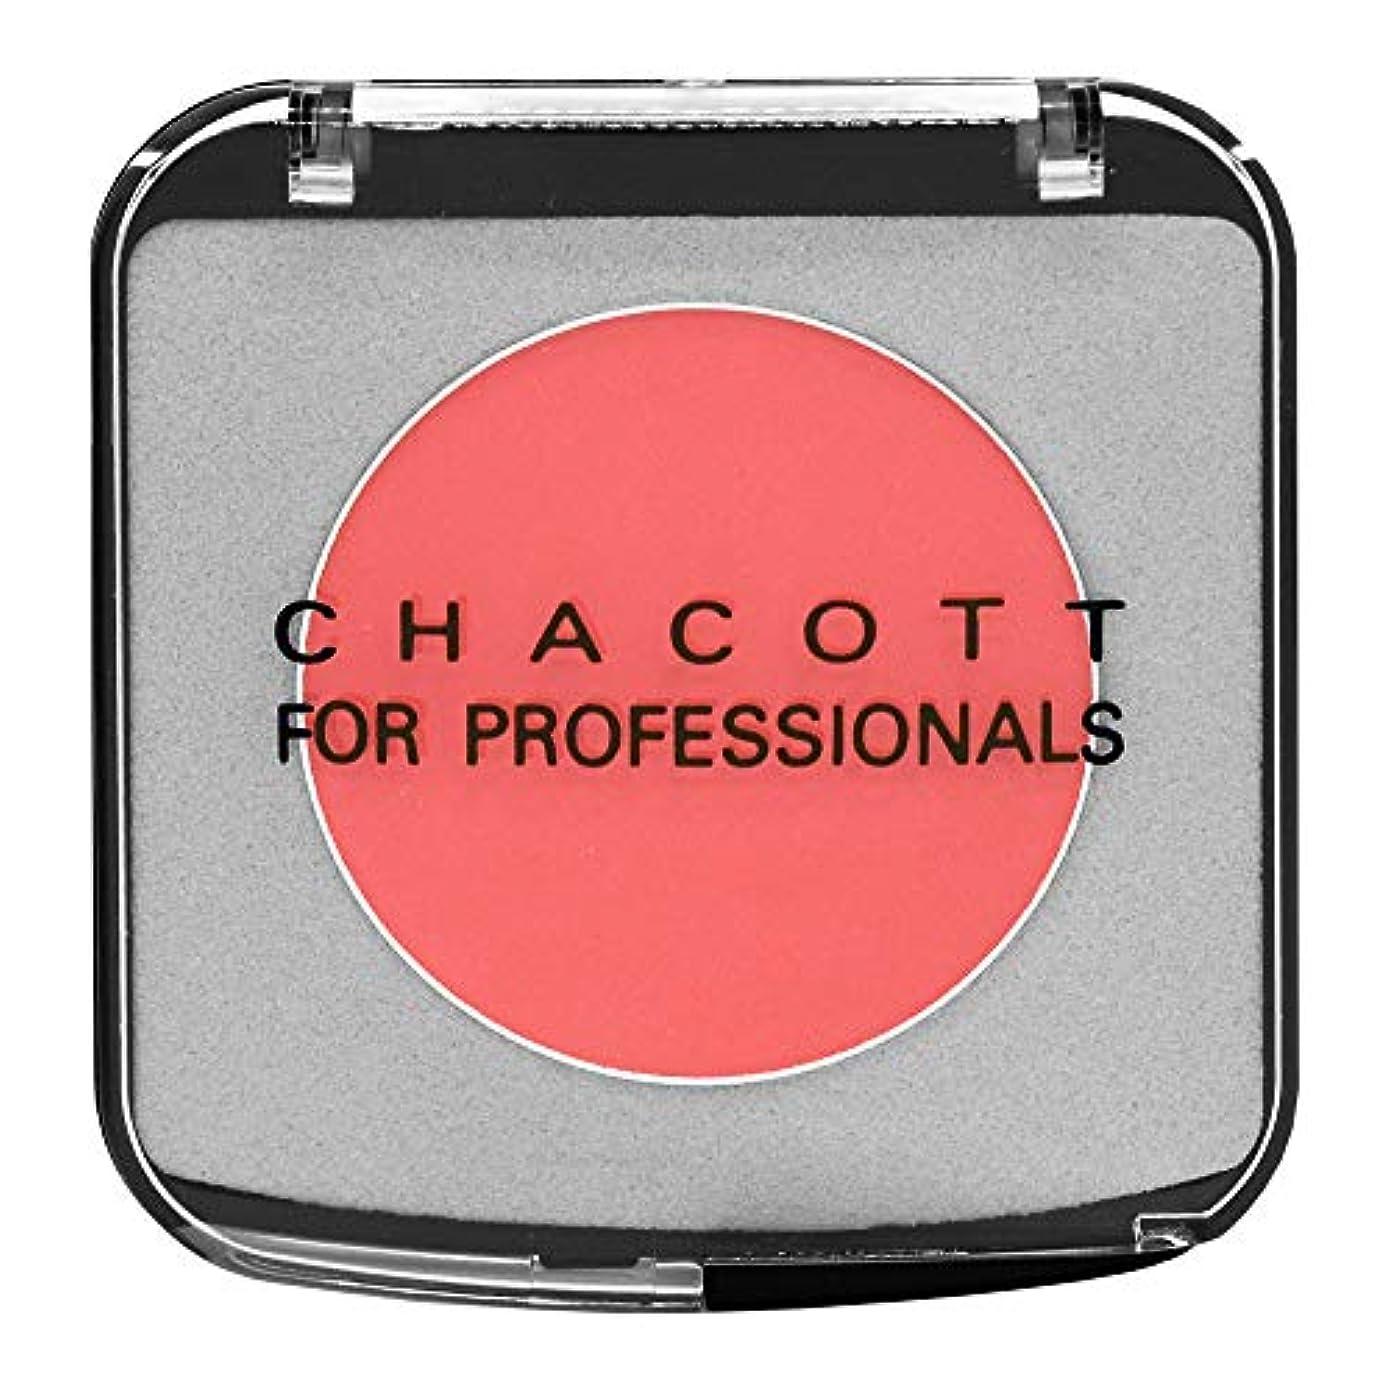 アルコールツイン面倒CHACOTT<チャコット> カラーバリエーション 620.ブリックレッド